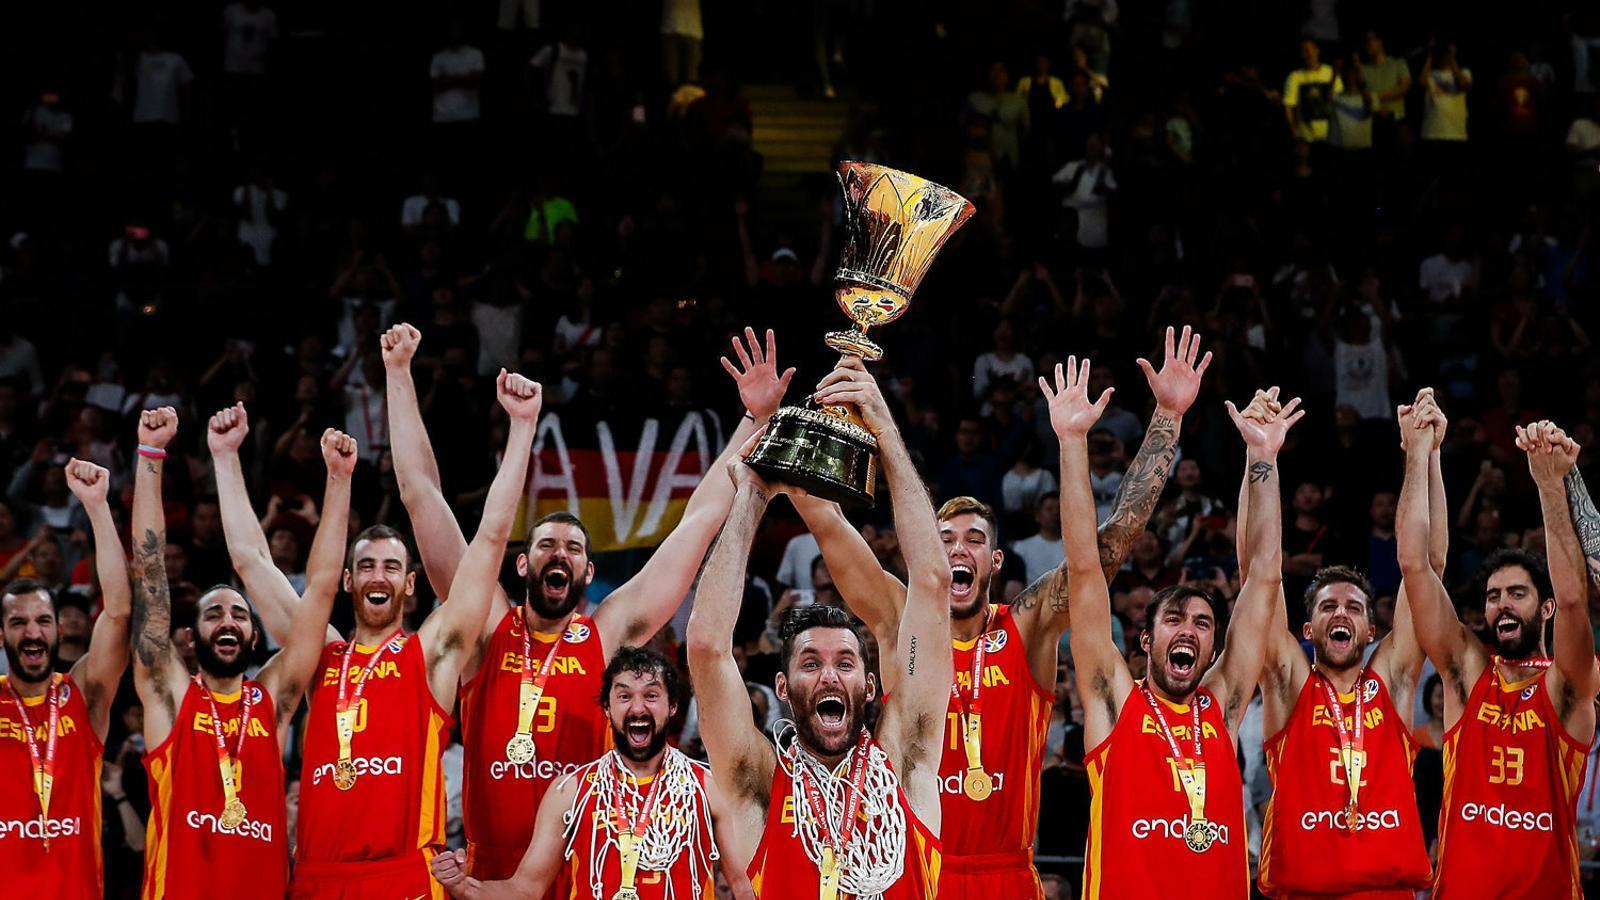 El Mundial de bàsquet revitalitza Cuatro